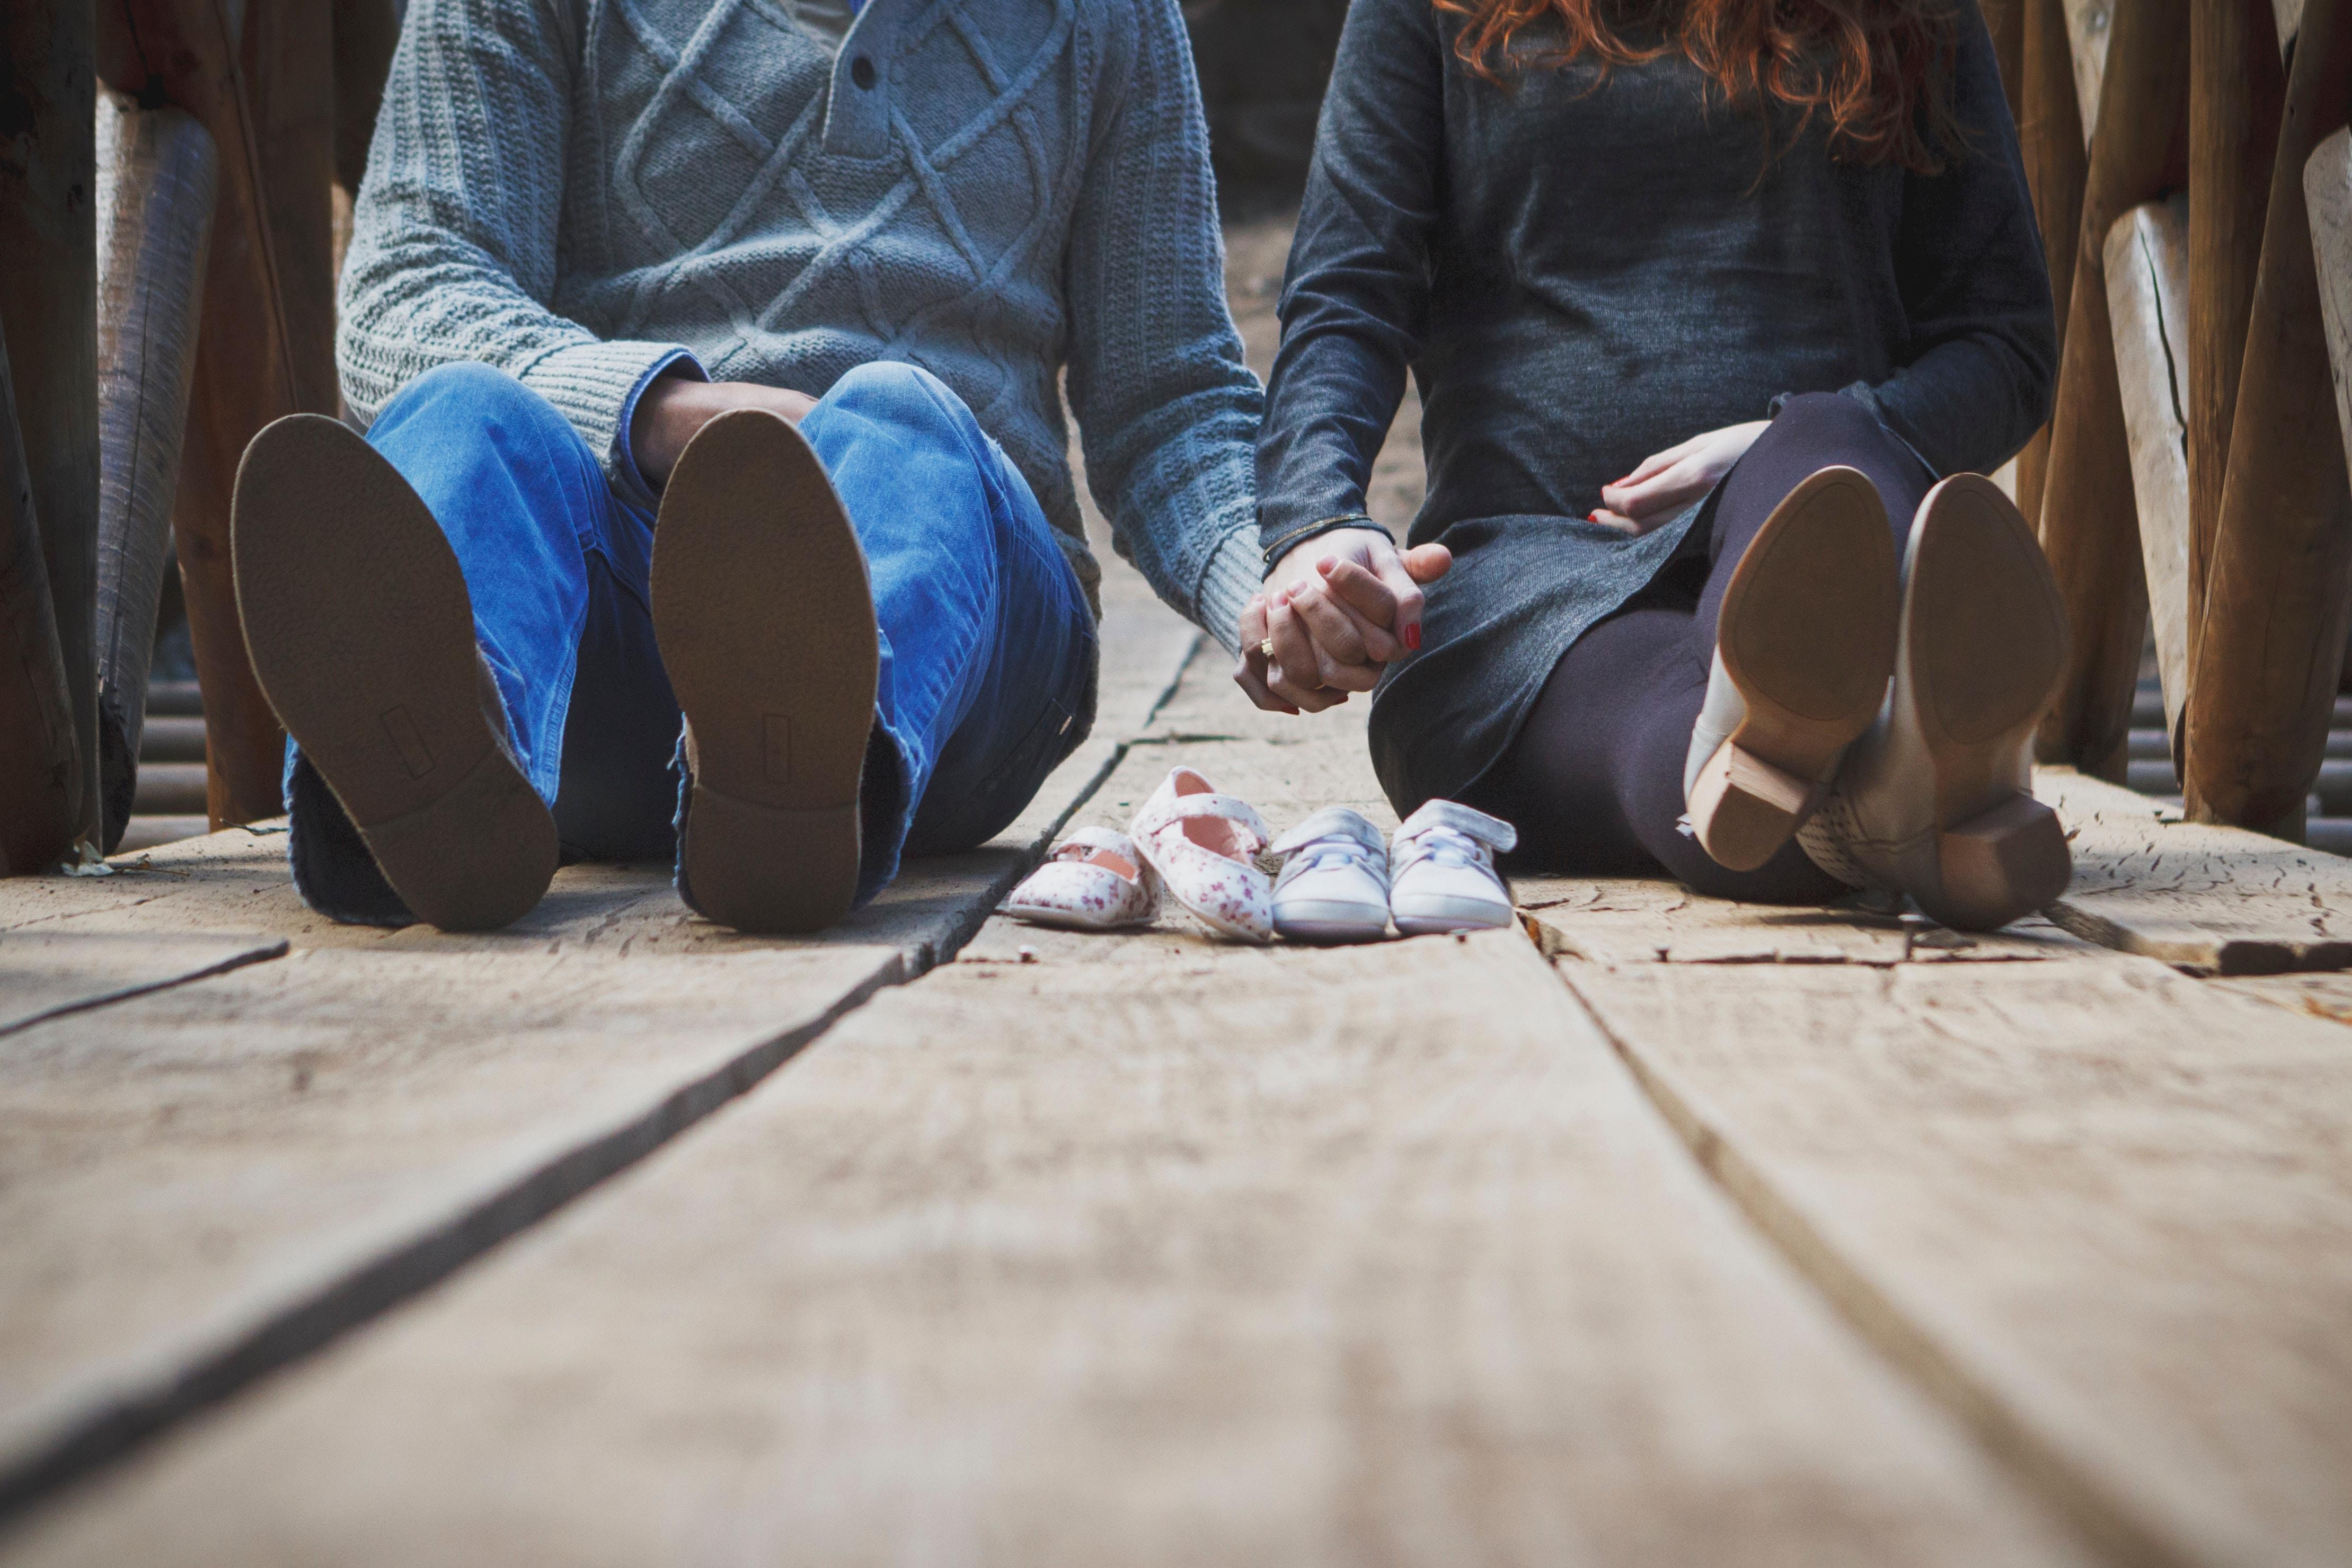 Hoy en día las técnicas de reproducción asistida, ofrecen a las parejas con problemas para quedar embarazados, una alta posibilidad de tener un hijo. Pero como es natural surgen dudas y la primera que más suelen plantearse las parejas es la probabilidad de éxito que tendrán.